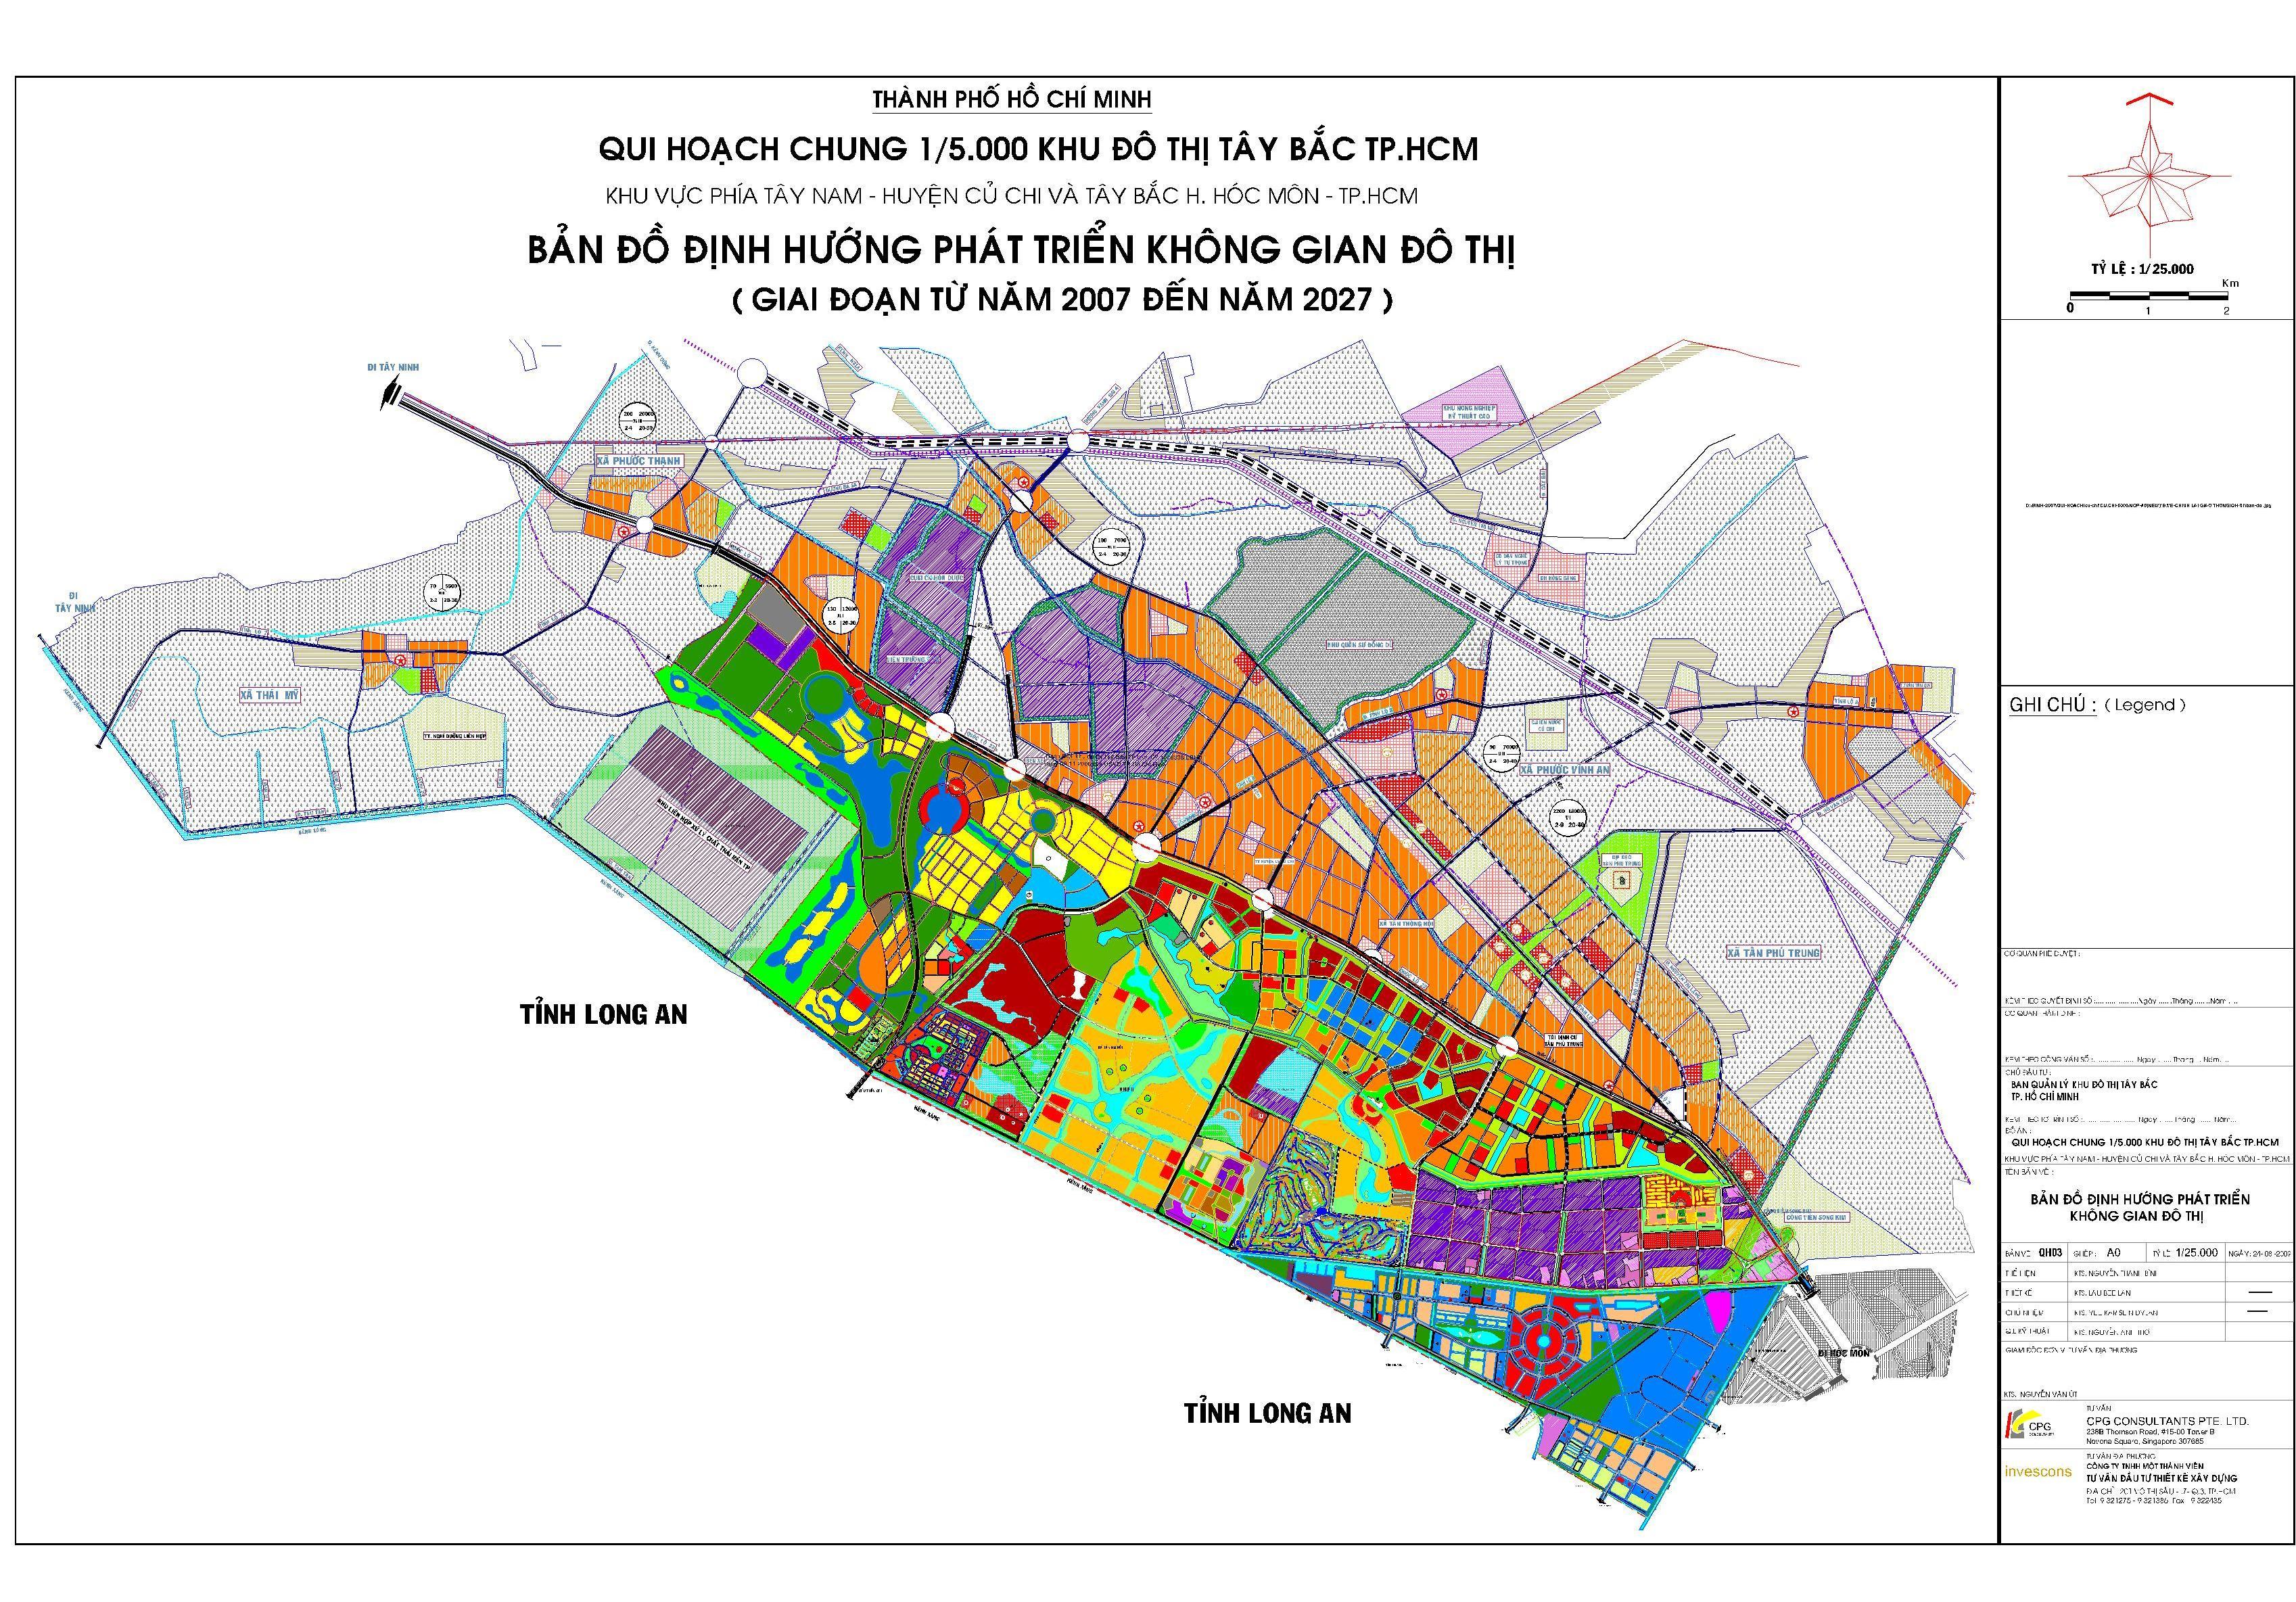 Quy hoạch chung 1/5.000 khu đô thị Tây Bắc TP. HCM